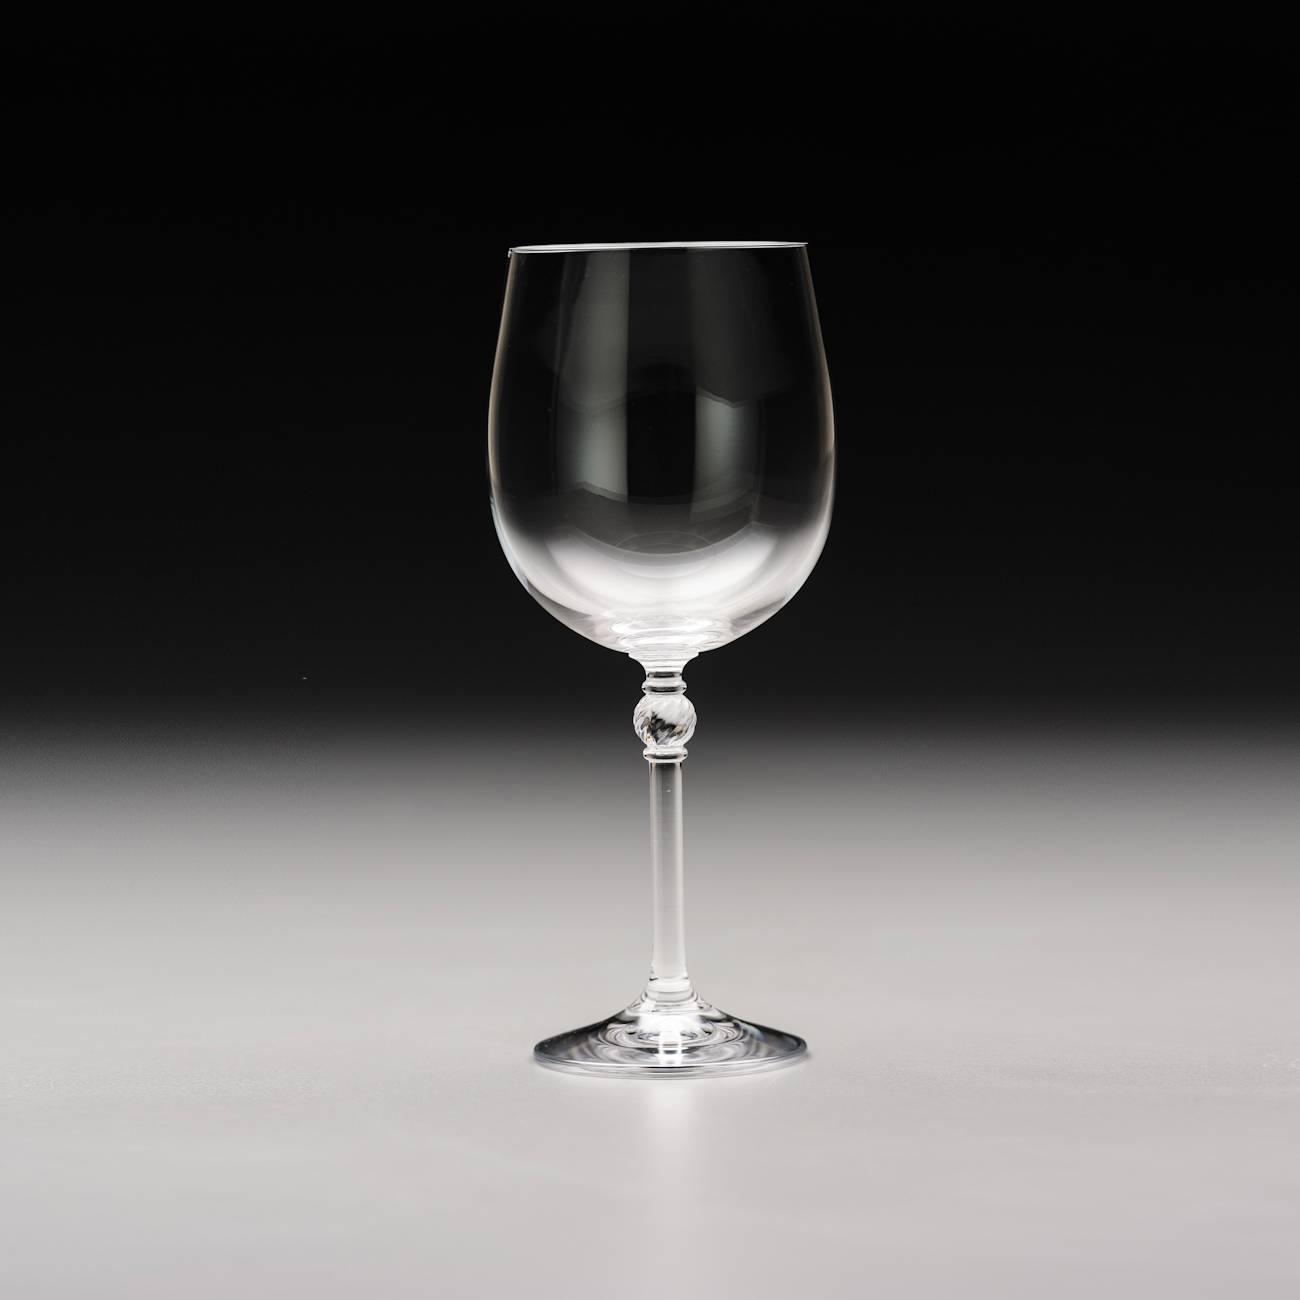 Conjunto de Taças para Vinho Tinto Florence - 6 Peças - 250 ml - em Cristal - Bohemia - 19,5x8 cm